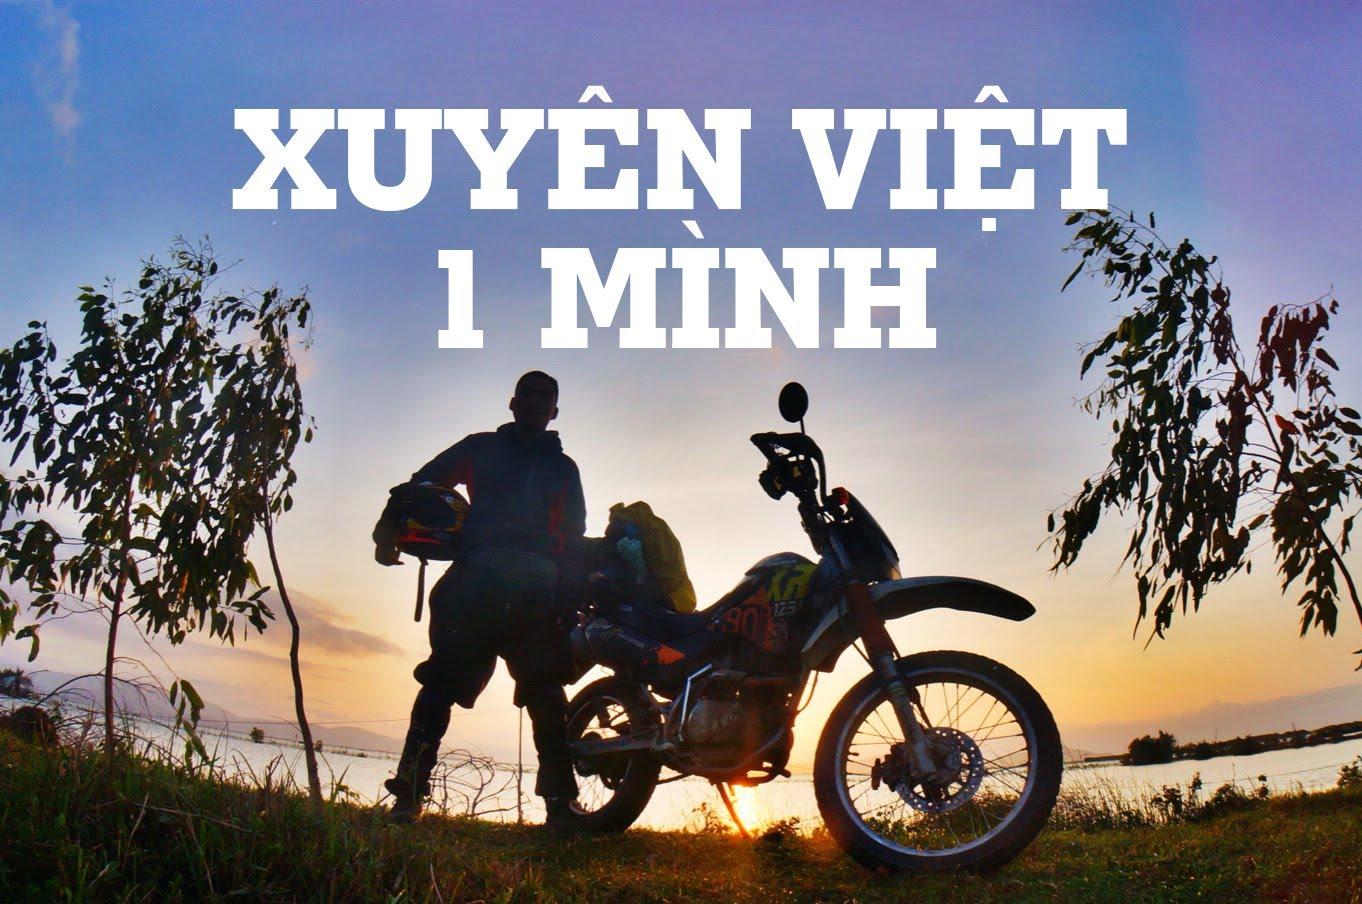 Photo of Kinh nghiệm lên lộ trình & phượt xuyên việt bằng xe máy một mình